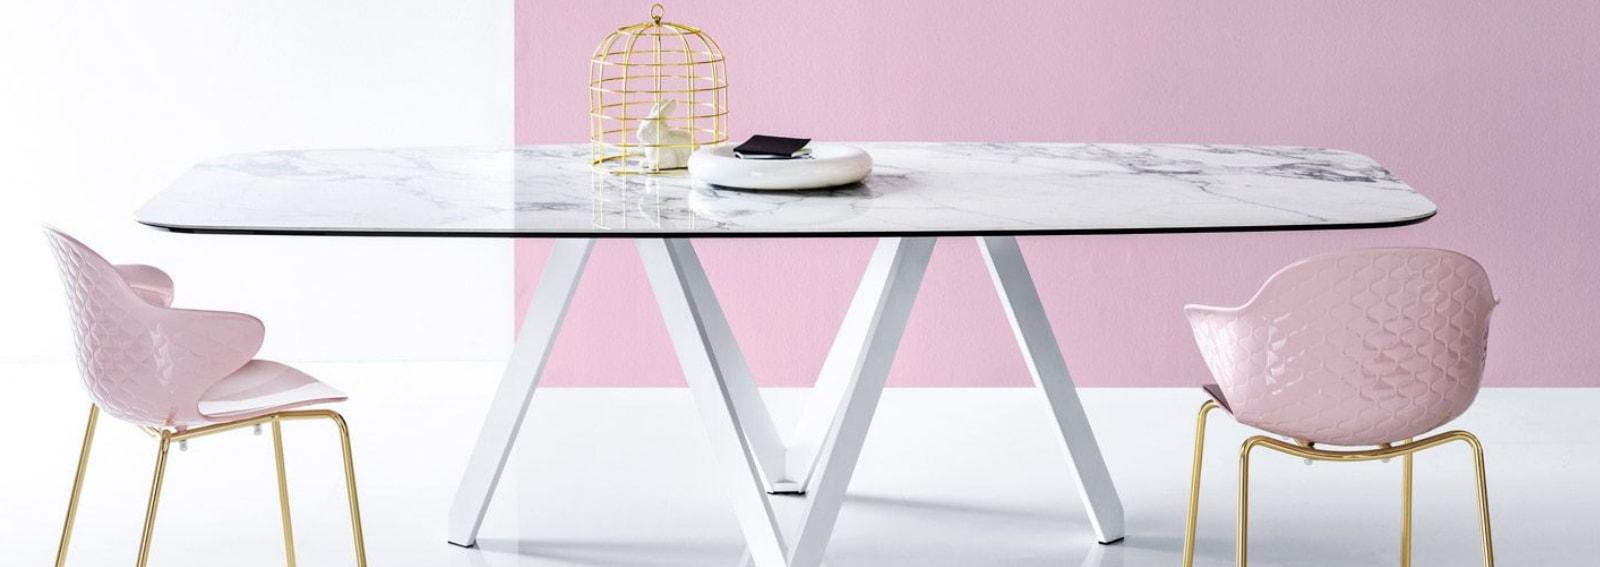 Sedie design_desktop